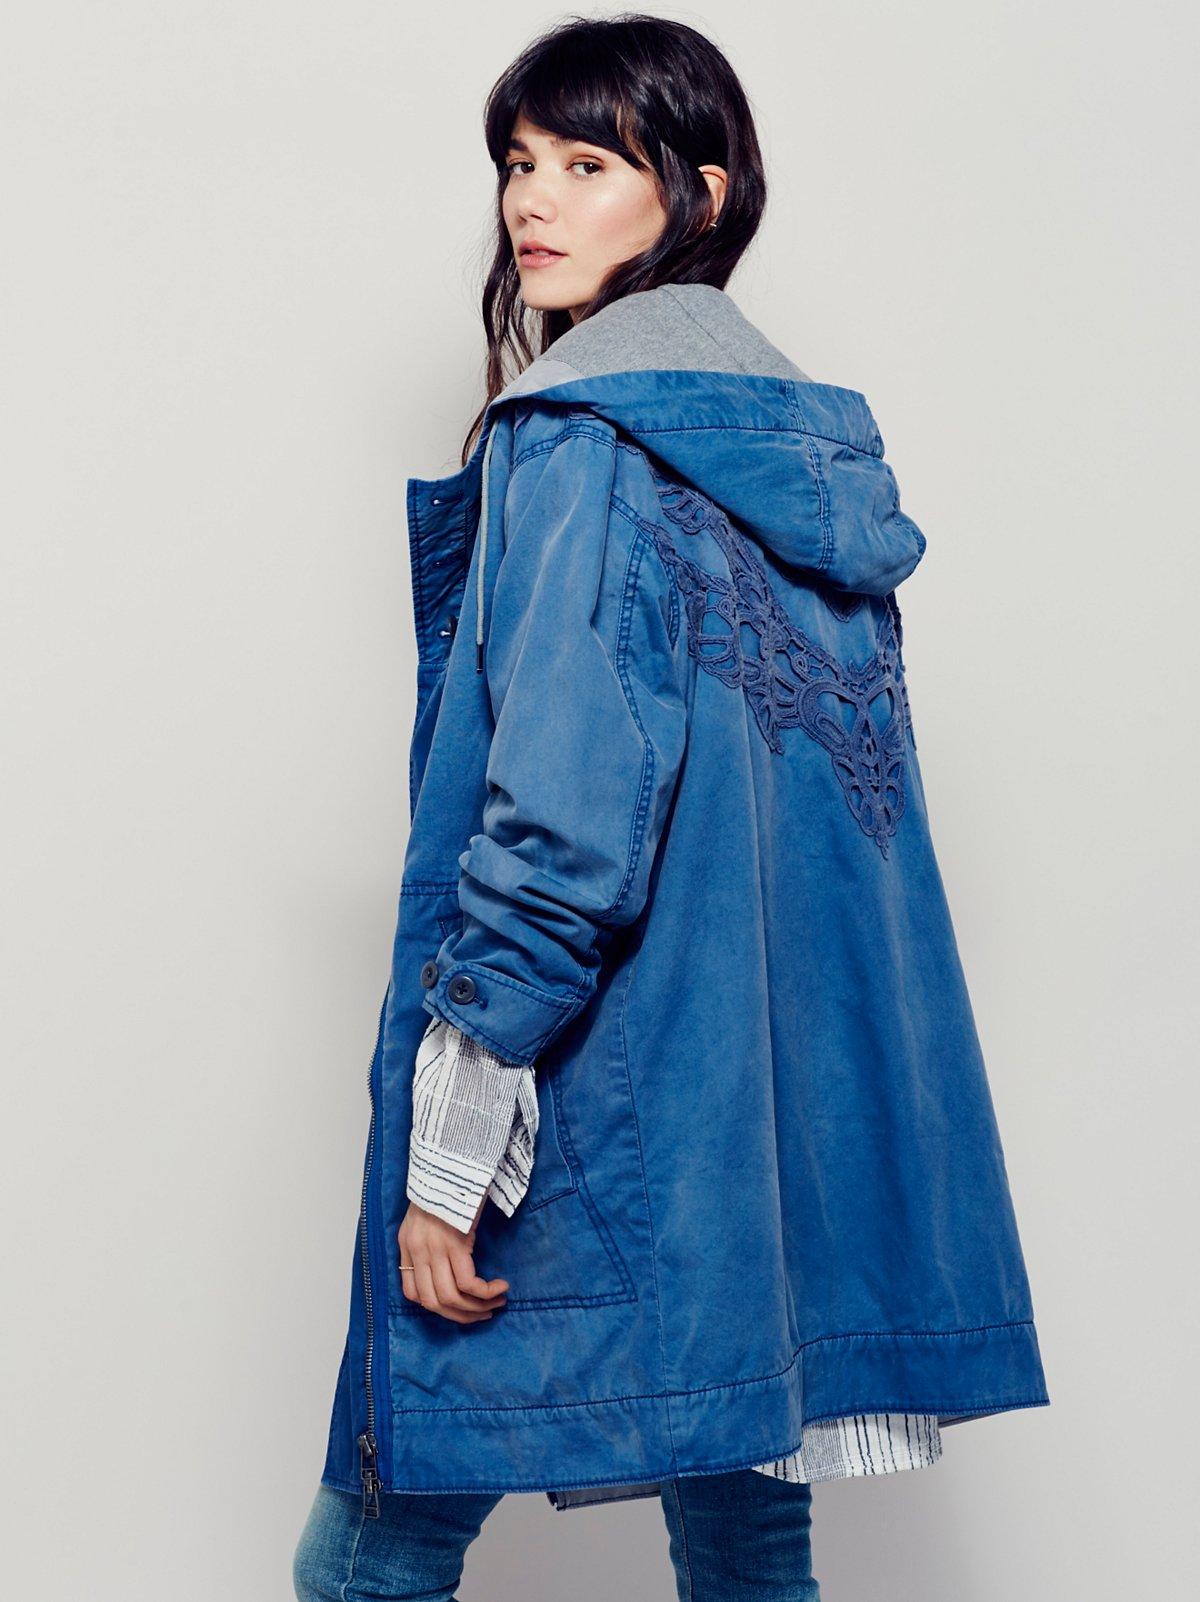 Evan Spring Jacket